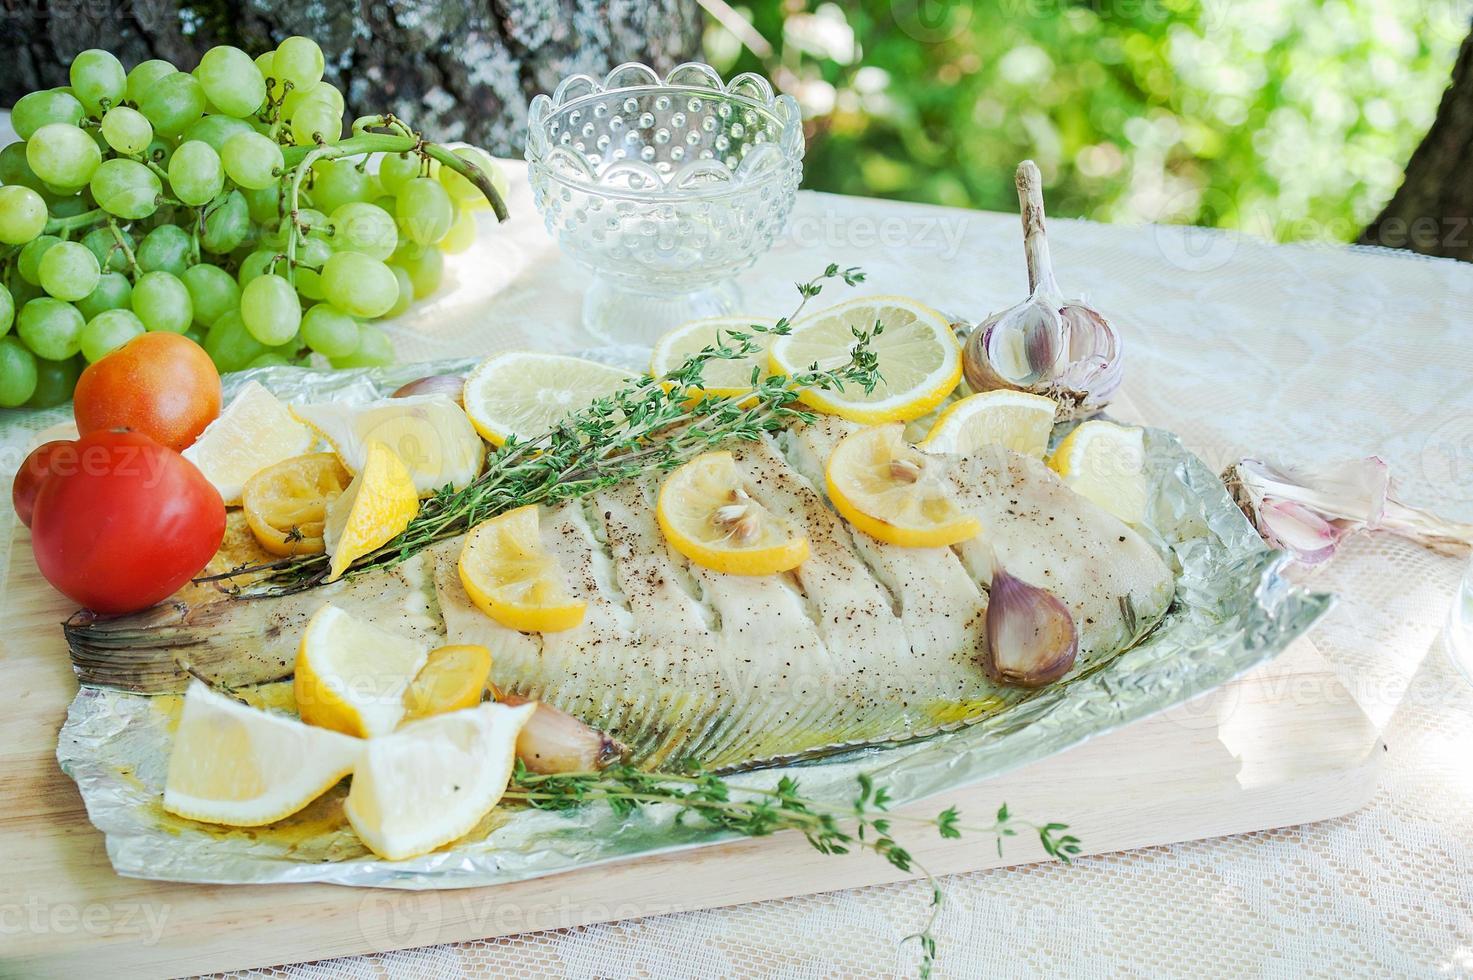 pranzo con passera di pesce all'aperto in stile mediterraneo foto